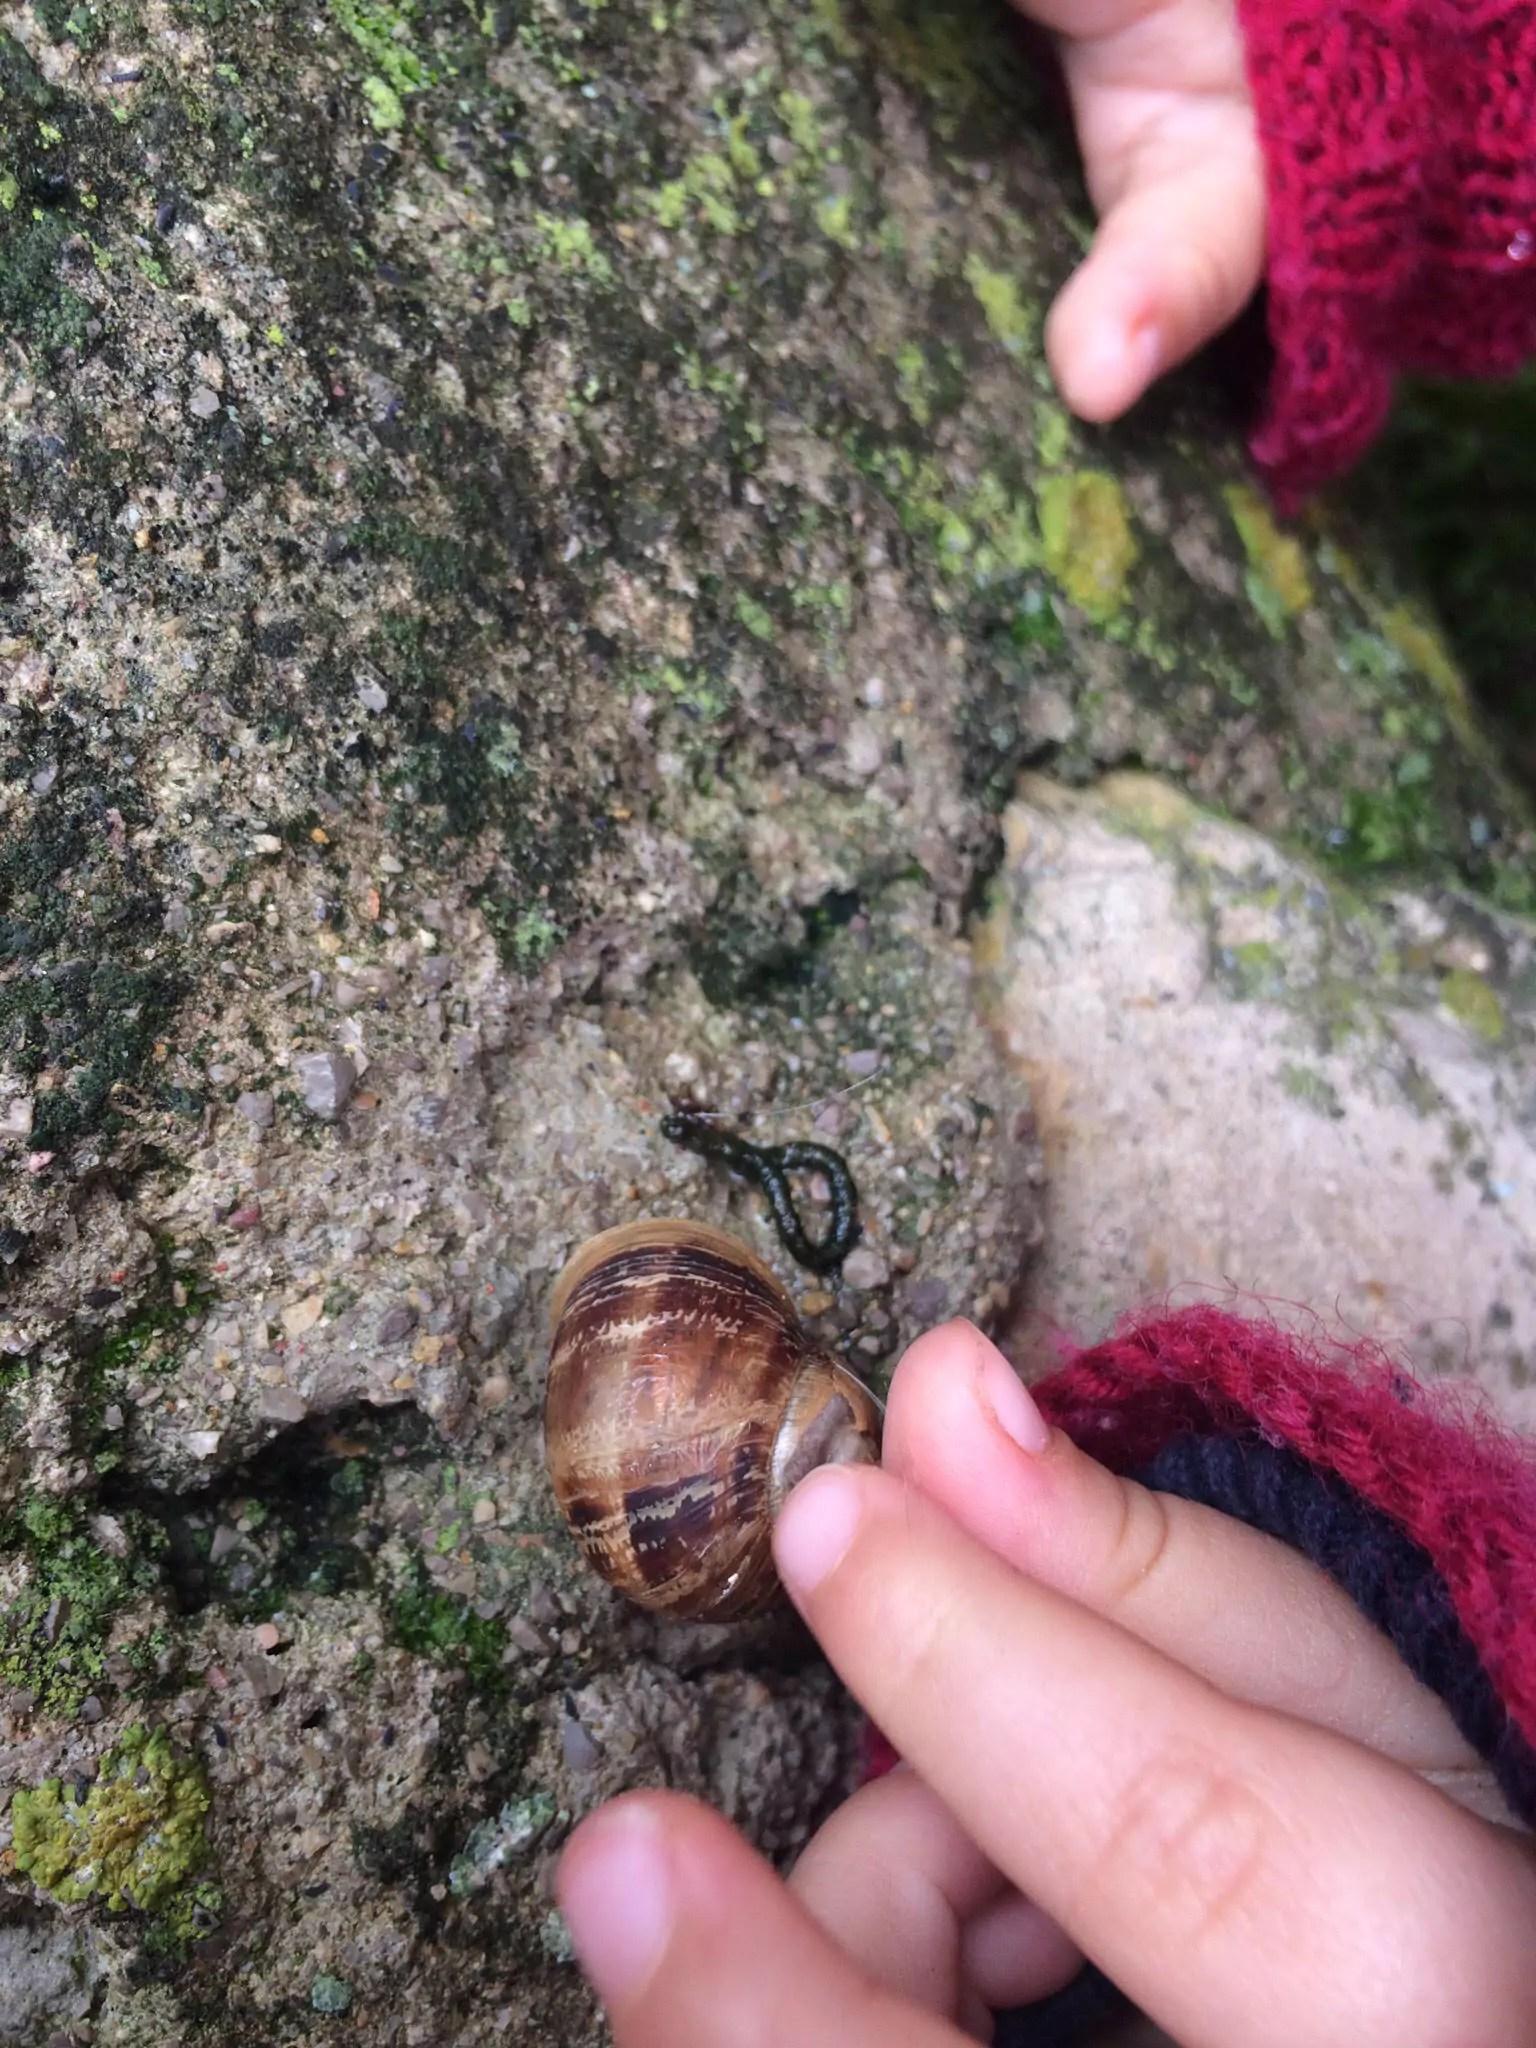 Stadtkinder entdecken das Wunderland Natur vor der Haustür